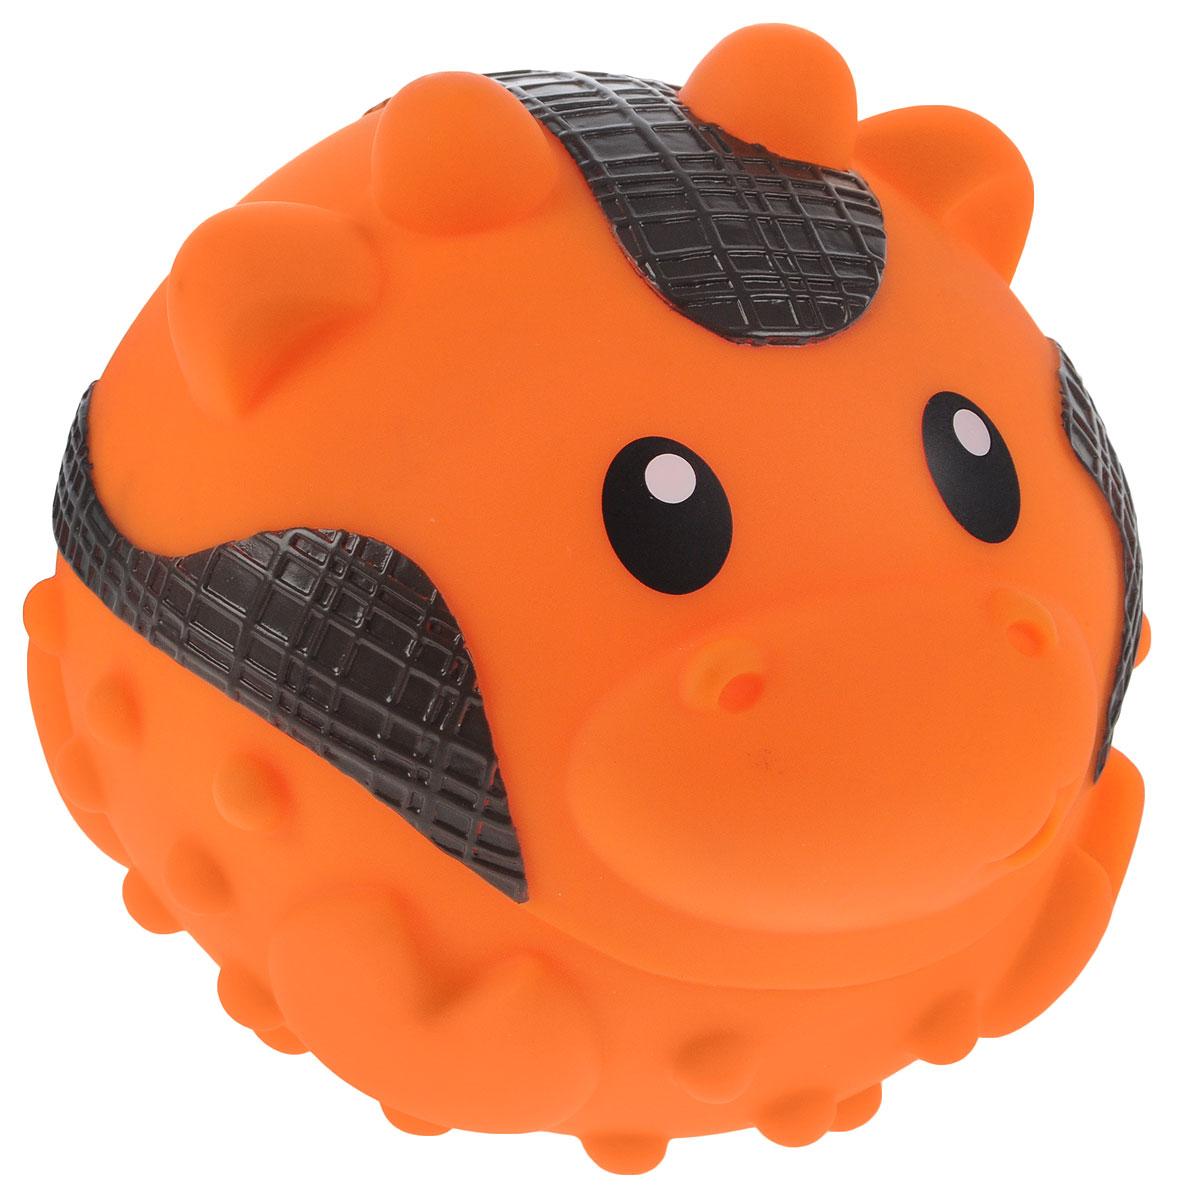 B kids Развивающая игрушка Коровка005178BВсе дети любят развлечения с мячами. Однако большая игровая фигурка Sensory из новой серии от Bkids – больше, чем просто мяч. Этот крупный пластмассовый шар выполнен в виде симпатичной зверюшки. Его поверхность покрывают рельефные выпуклости, ощупывая которые ребенок учится различать тактильные ощущения. Кроме того, шар издает звук, который очень нравится малышам. Не забудьте посмотреть маленькие игровые шарики Sensory, которые можно купить на нашем сайте в ассортименте Предназначено для детей в возрасте старше 6 месяцев.